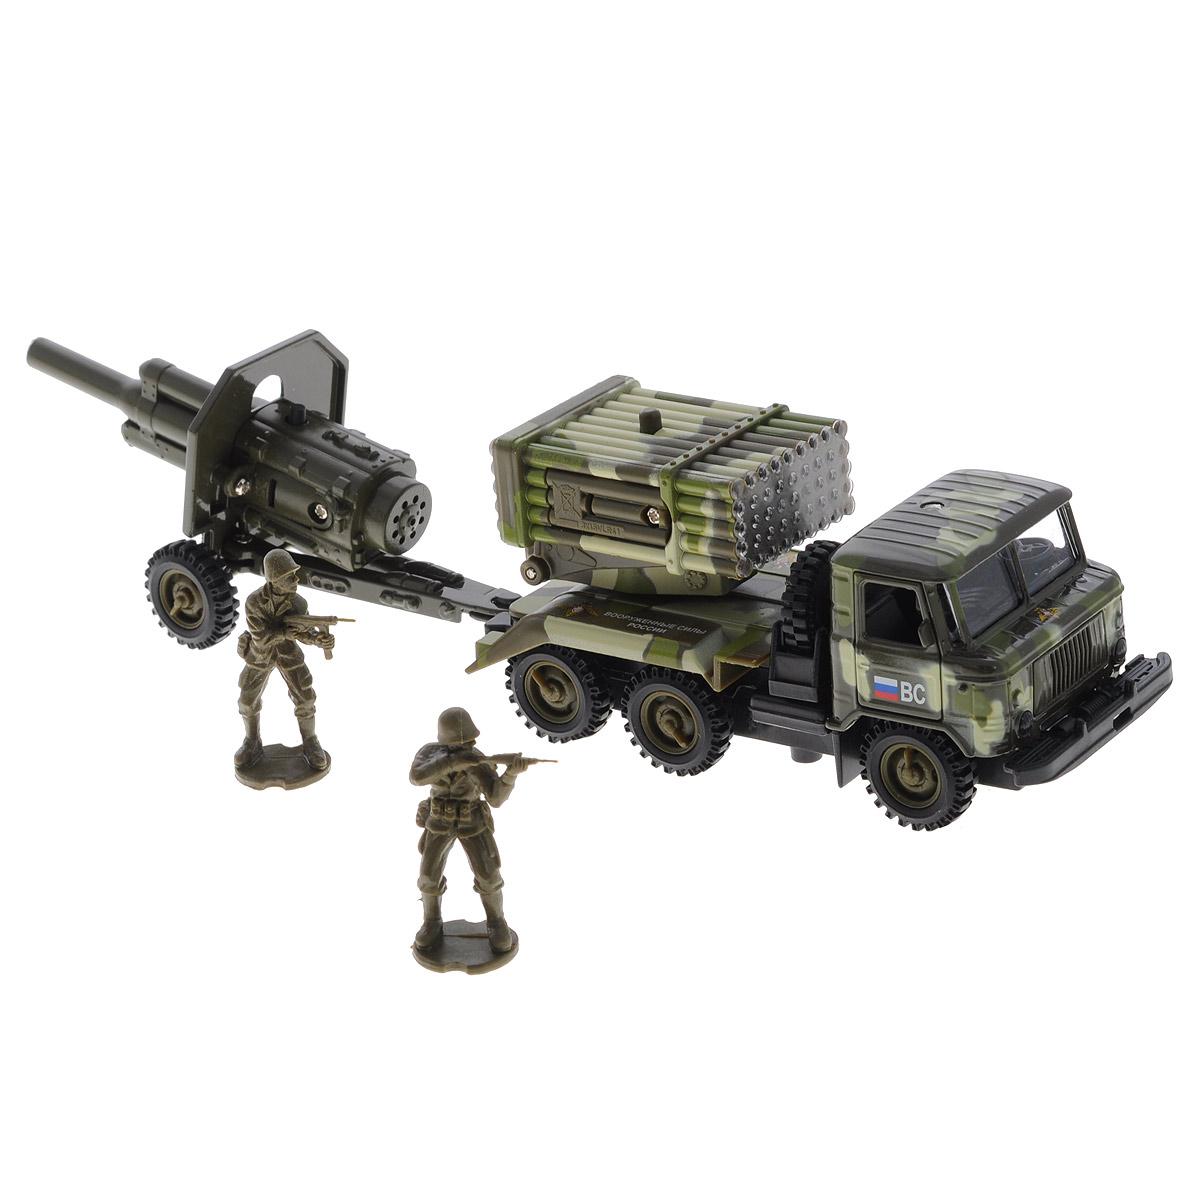 ТехноПарк Игровой набор ГАЗ 66 Вооруженные силыCT-1299-M-CT1112 (WB)Игровой набор ТехноПарк ГАЗ 66 военный непременно станет любимой игрушкой вашего малыша. В набор входит военный грузовик марки ГАЗ 66 с установкой Град, пушка-прицеп и две фигурки солдатиков. Игрушки изготовлены из металла и высококачественного пластика. Дверцы кабины и капот машинки открываются. Установка Град поднимается и поворачивается на 360 градусов. Между кабиной и кузовом расположено запасное колесо, которое также может быть использовано по назначению. При нажатии кнопки на установке и на пушке начинают светиться огоньки, при этом слышны звуки боя и приказы командира. При нажатии кнопки на пушке звучат реалистичные звуки выстрелов. Машинка оснащена инерционным ходом. Ее необходимо отвести назад, затем отпустить - и она быстро поедет вперед. Прорезиненные колеса обеспечивают надежное сцепление с любой гладкой поверхностью. Ваш ребенок будет часами играть с этим набором, придумывая различные истории. Порадуйте его таким замечательным подарком! Машинка...